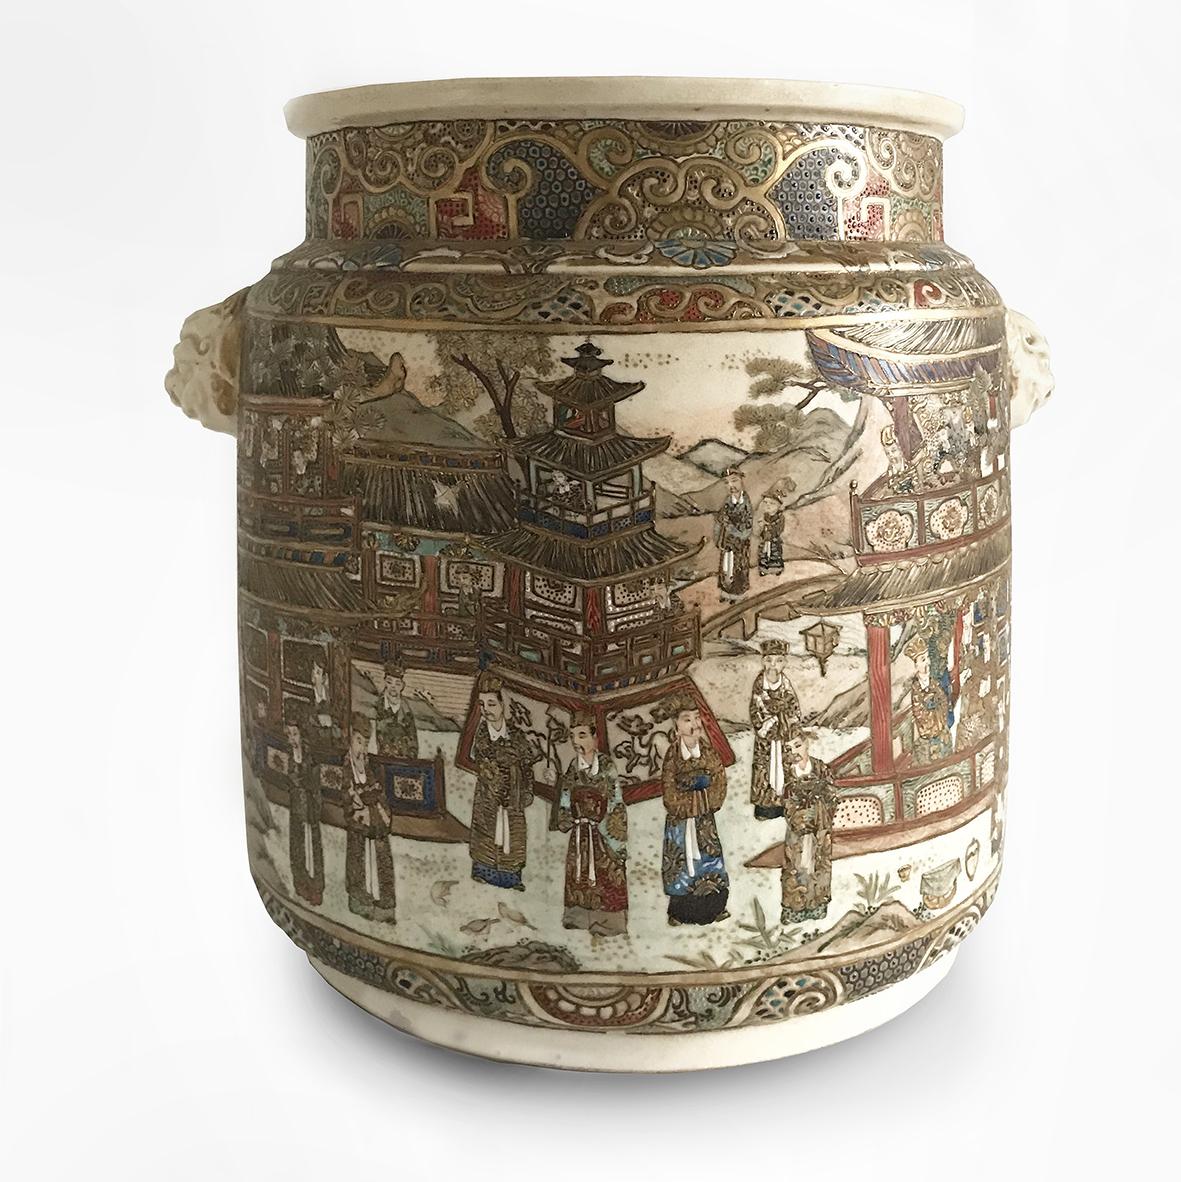 Satsuma jar | Ceramic | Japan |19th | japanese ceramic |basedonartgallery